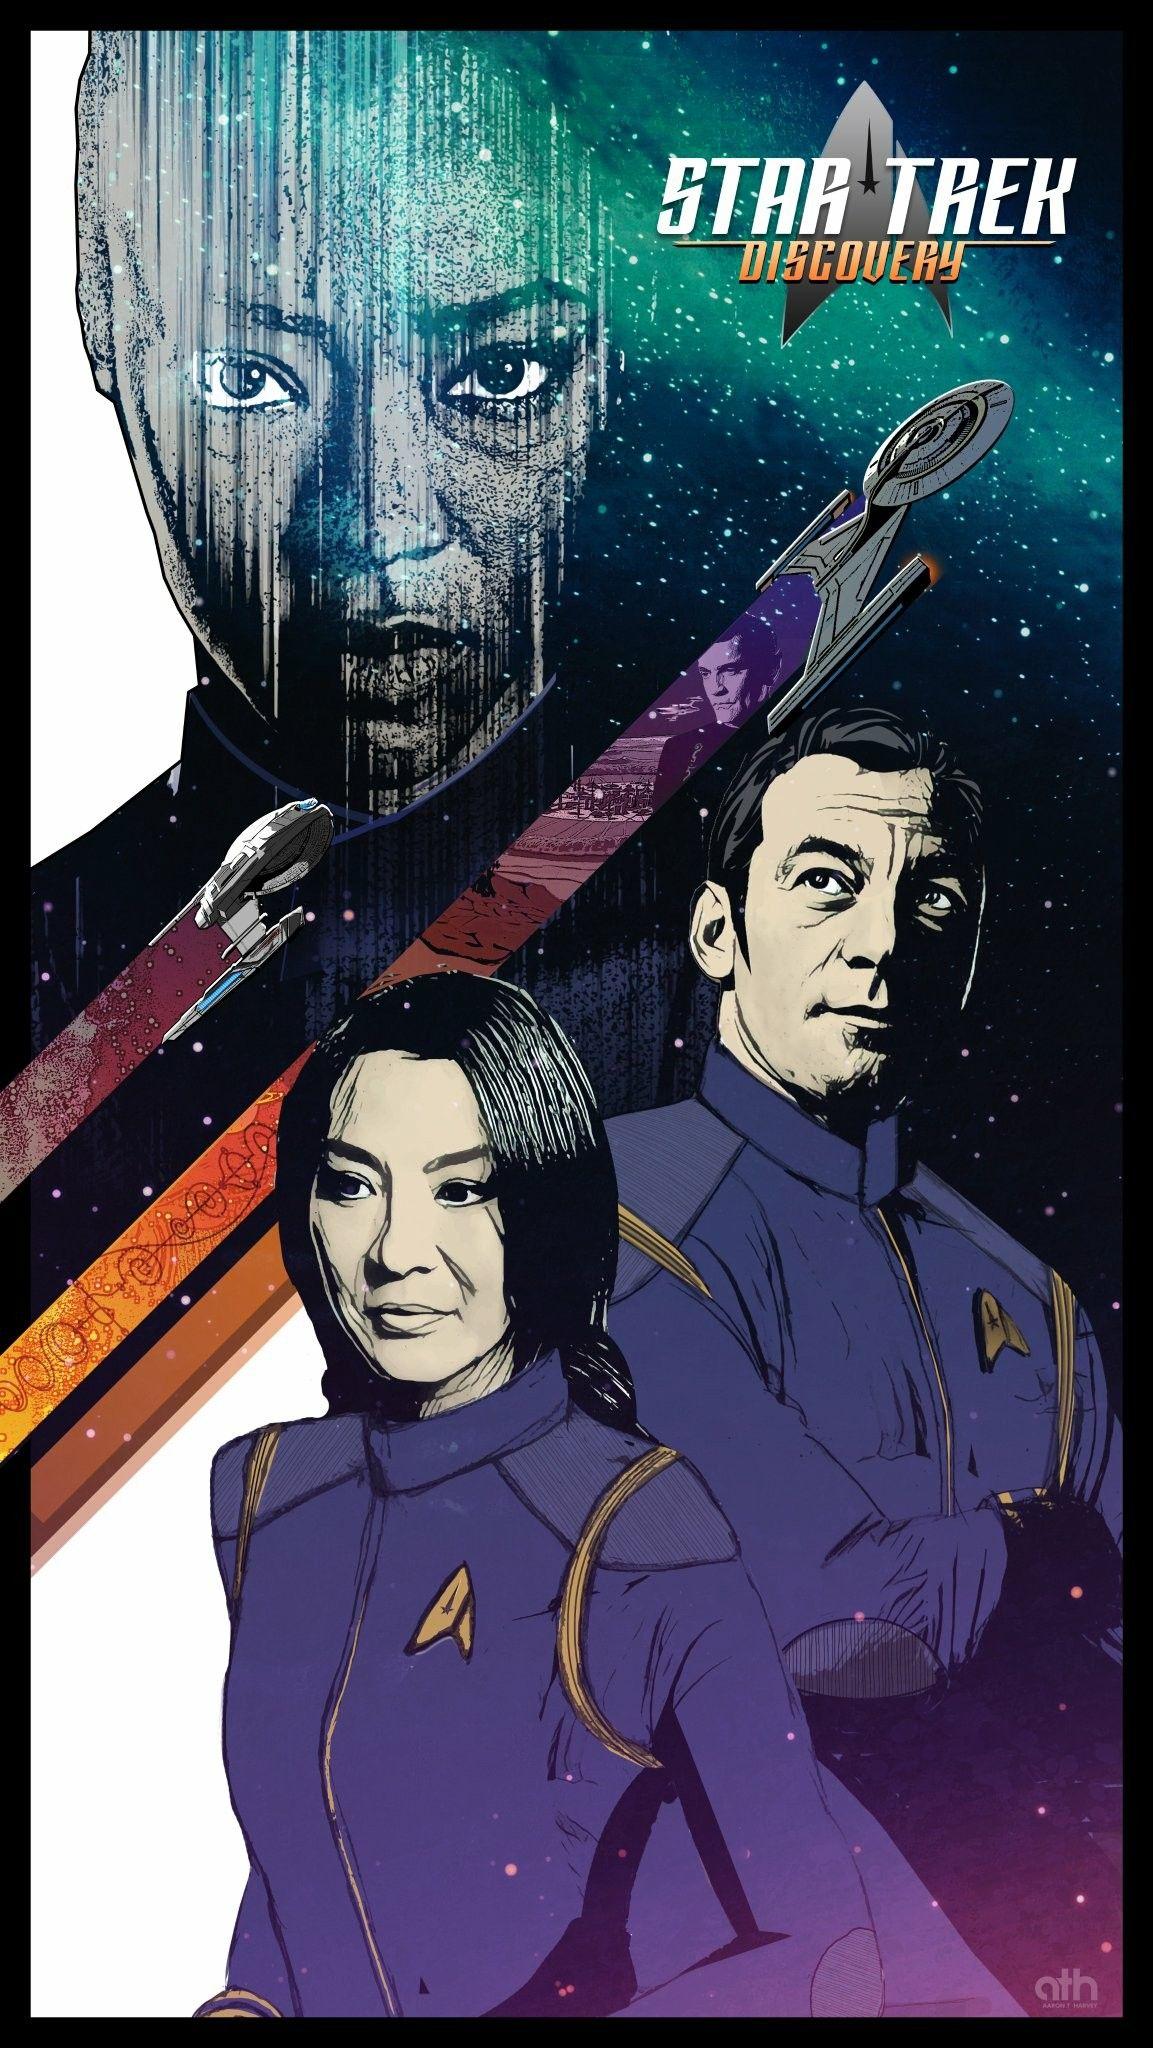 Poster Art For Star Trek Discovery